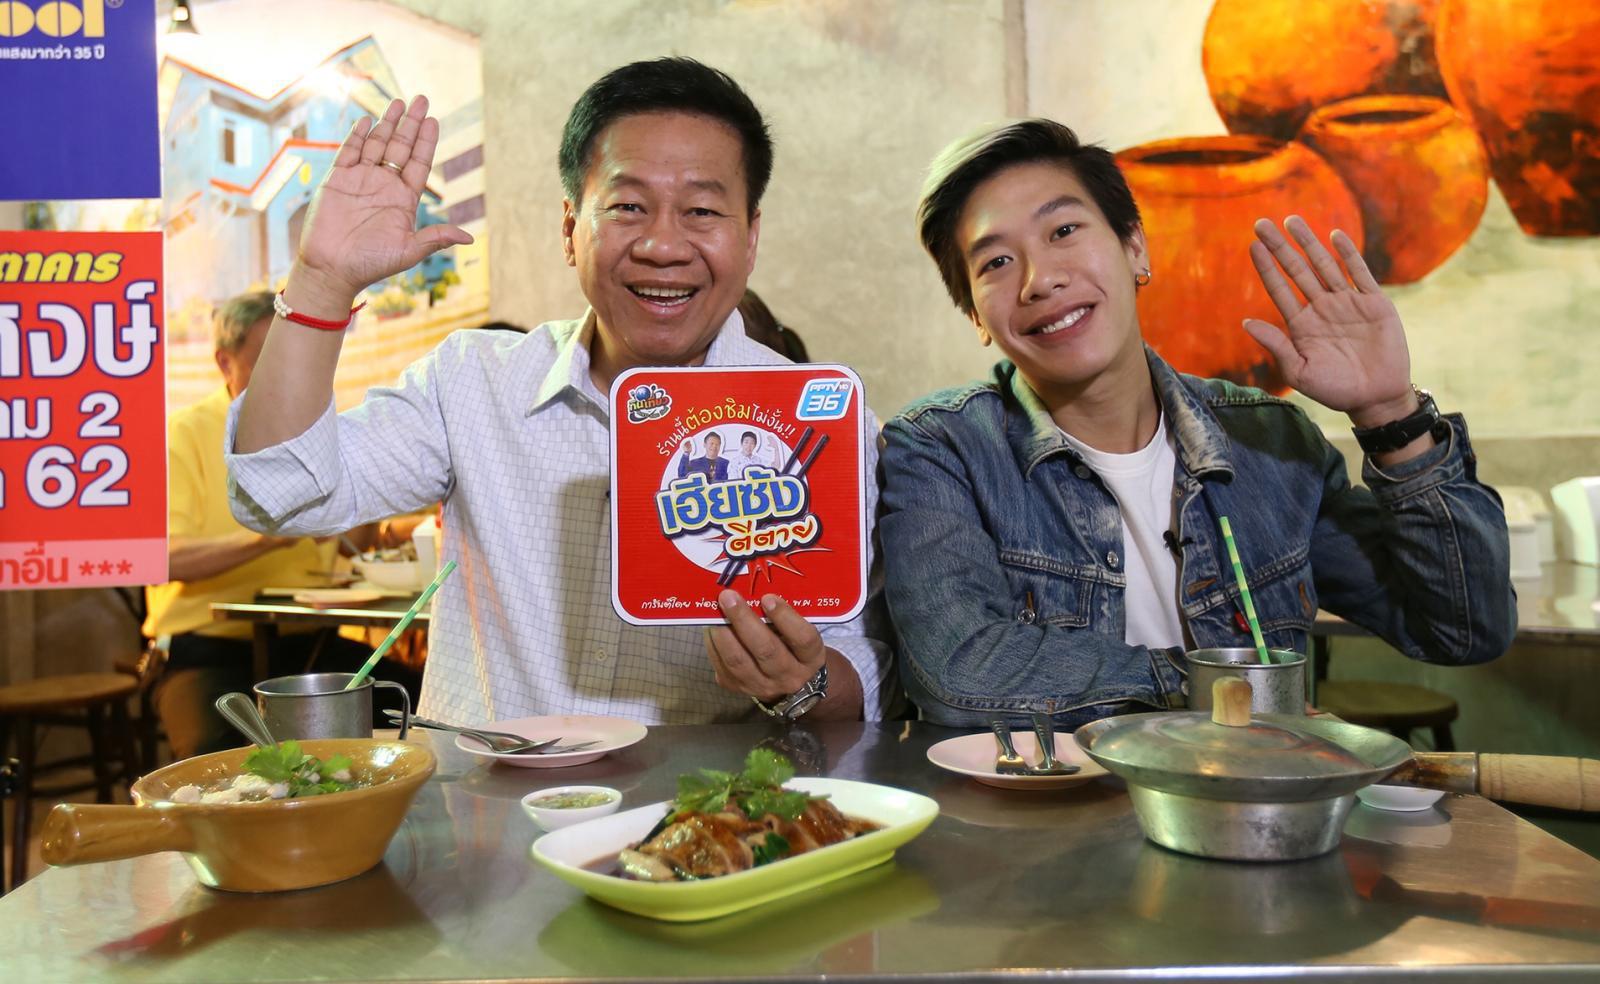 """พ่อลูกคู่ซี้เล่งหงษ์ พาทัวร์ร้านเด็ด ในรายการ """"กินเที่ยว Around The World"""""""